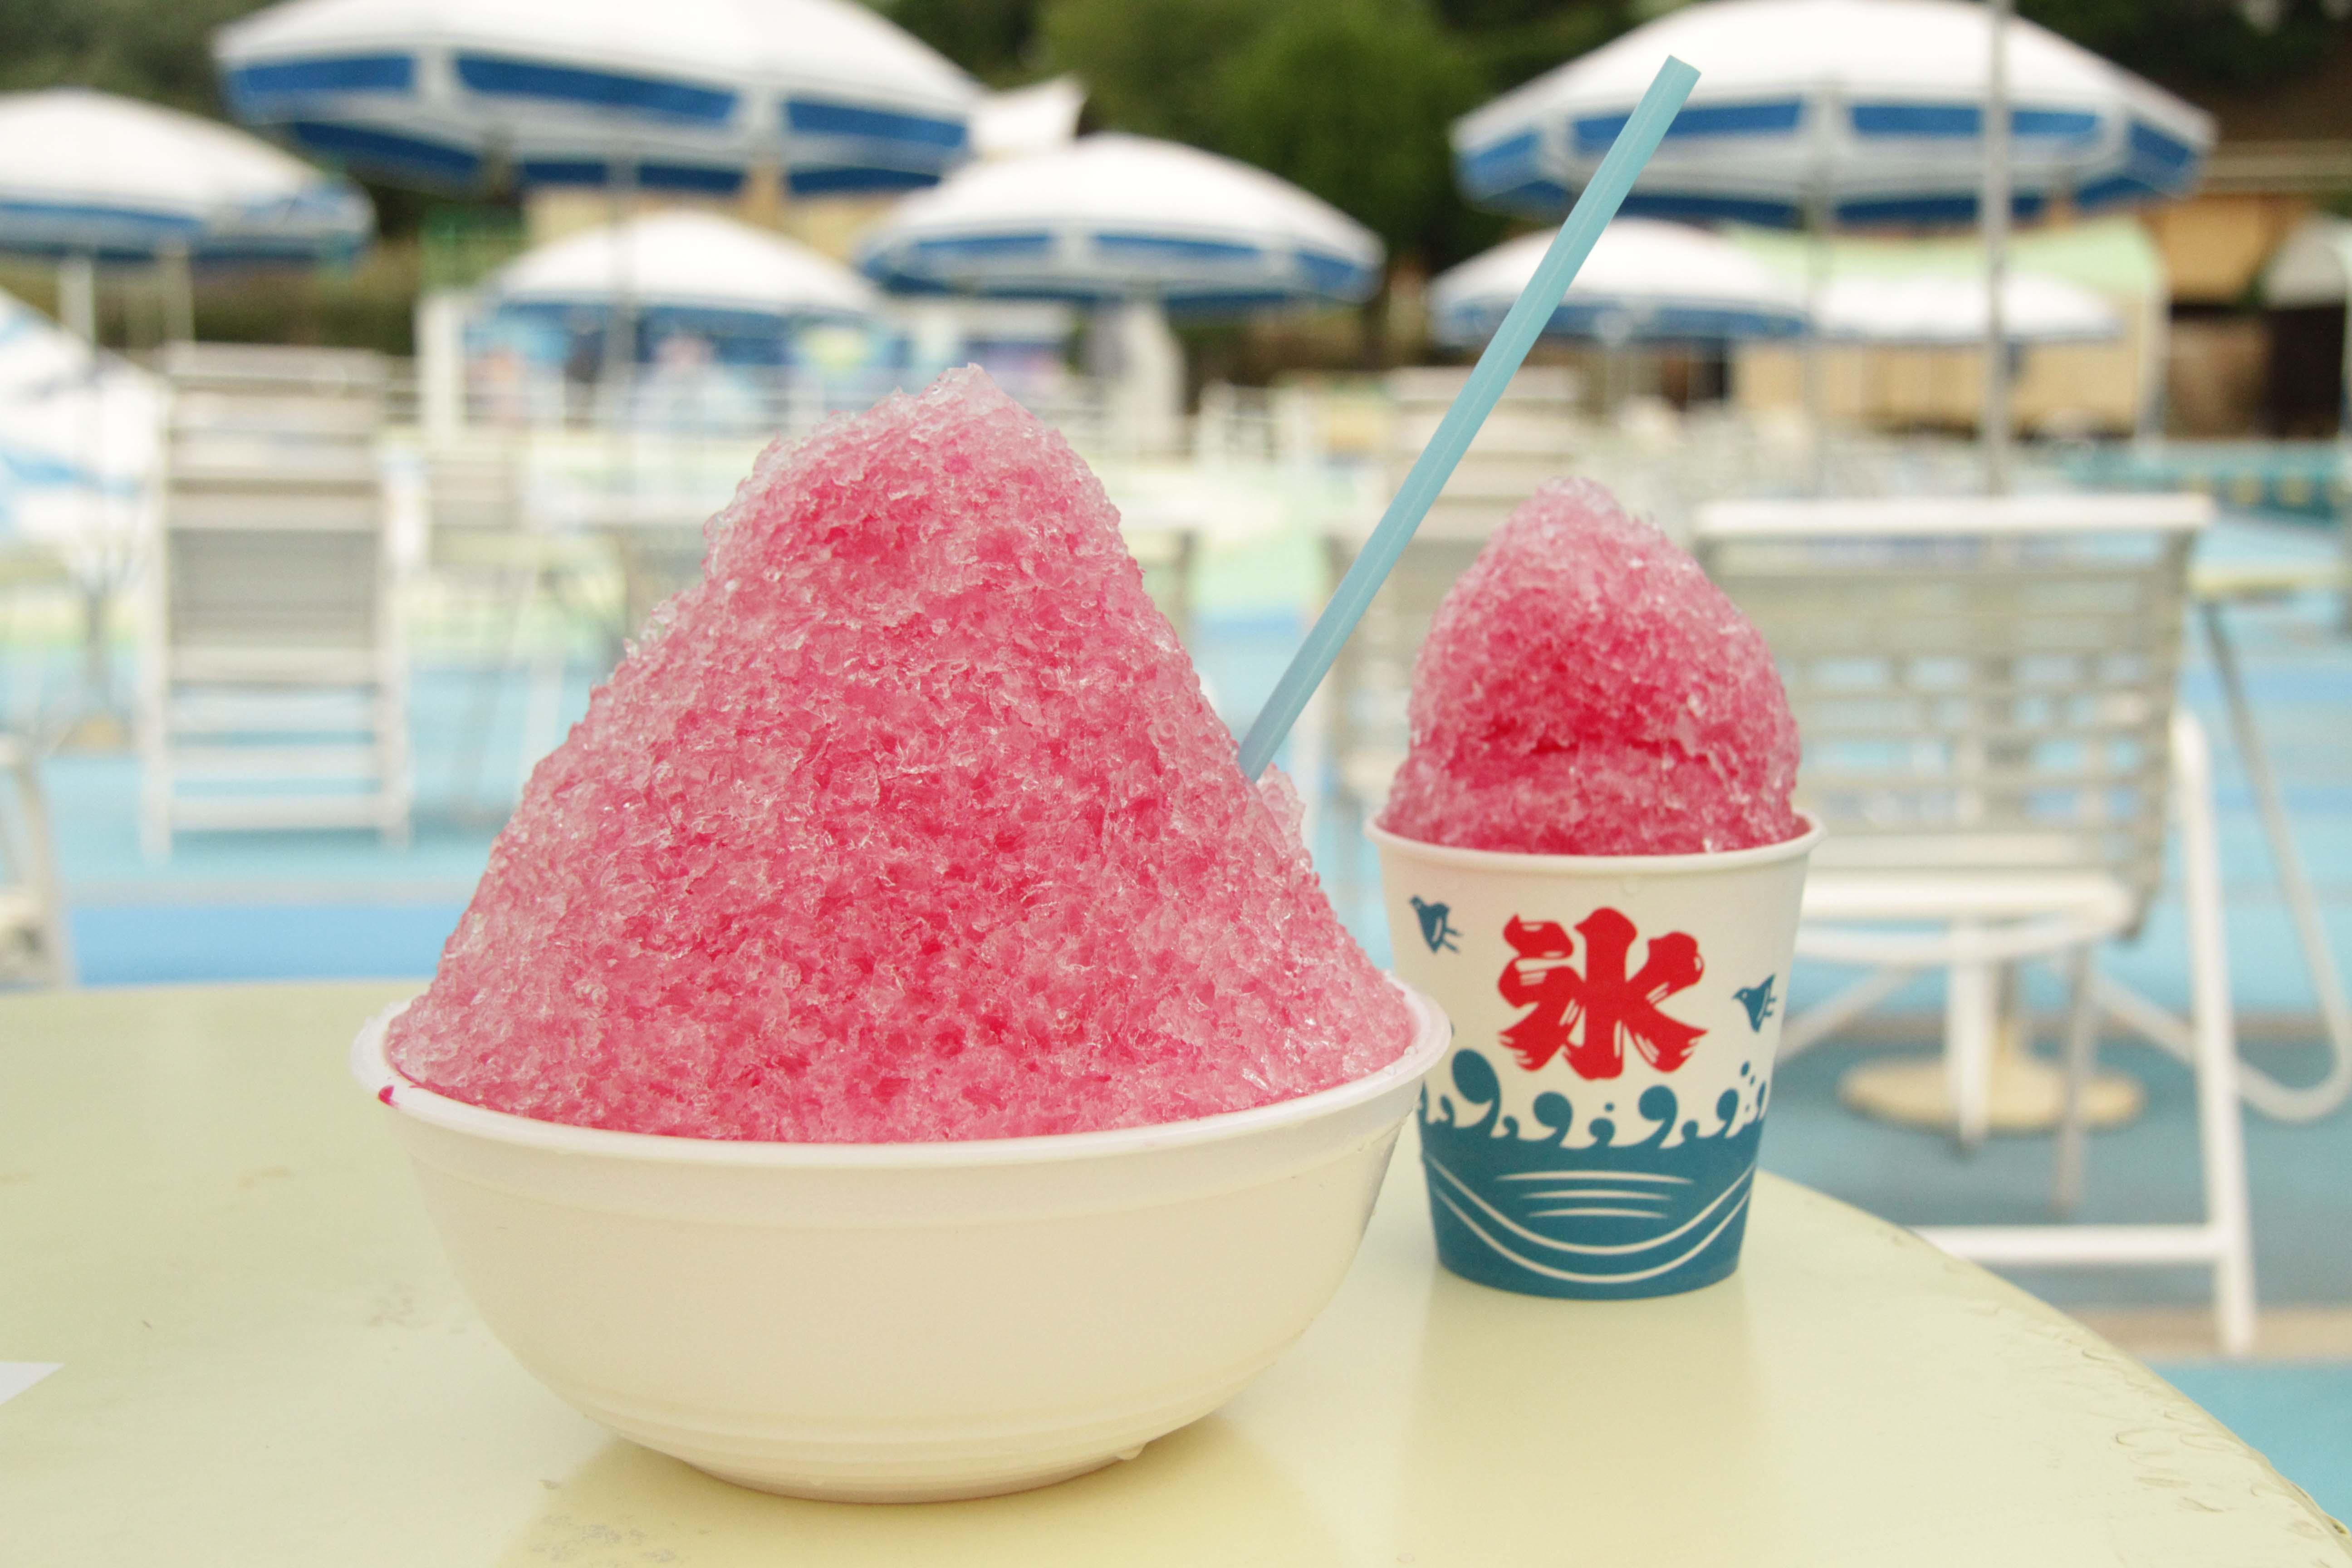 開園25周年のみろくの里で、2.5倍サイズのかき氷を毎日25杯限定で販売!みろくにGo(25)!!〜7月12日から7月31日まで